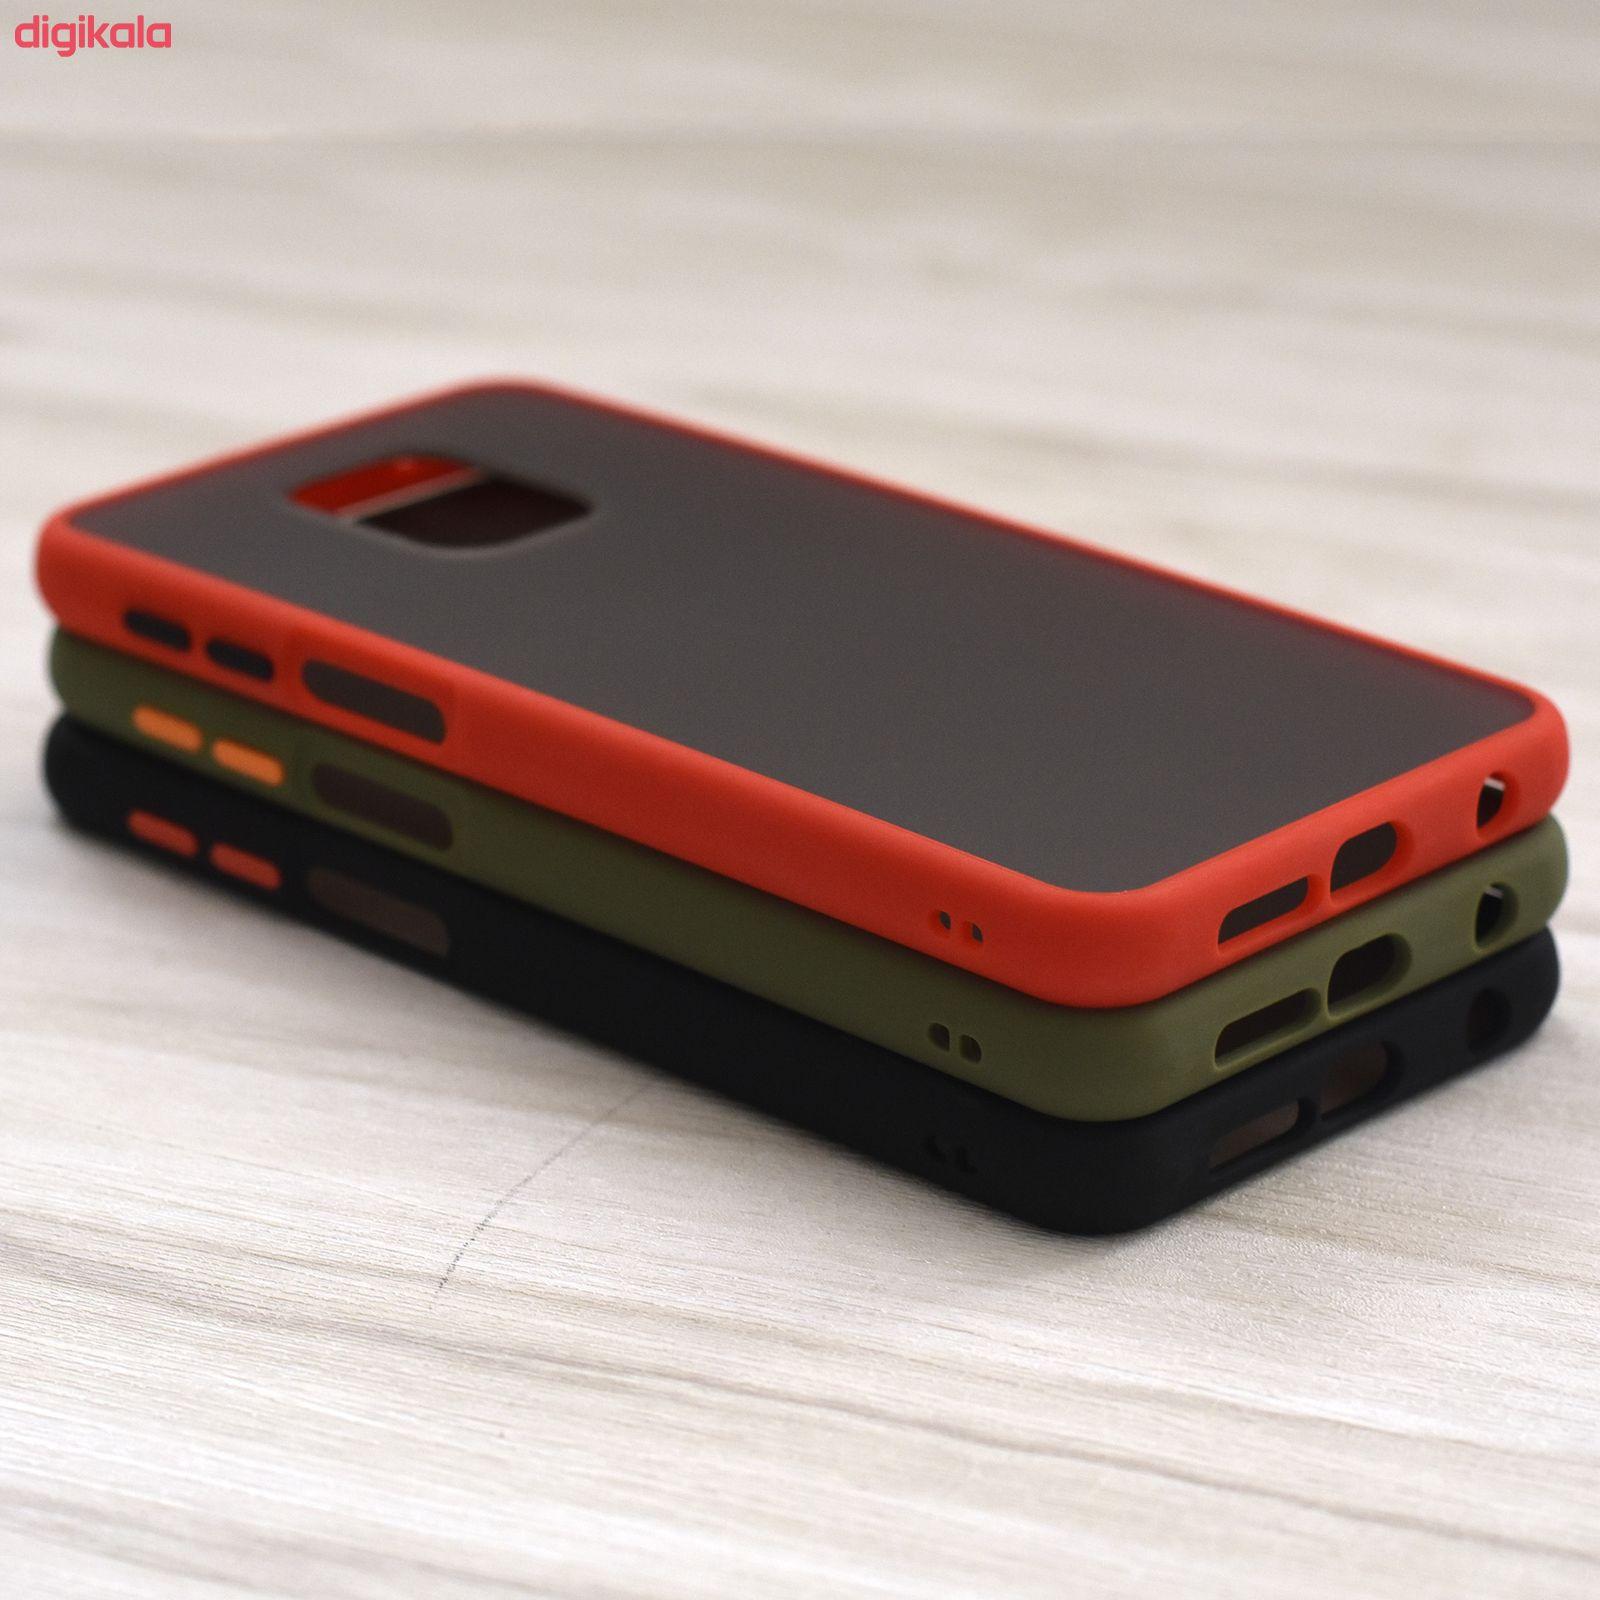 کاور مدل Slico01 مناسب برای گوشی موبایل شیائومی Redmi Note 9S / 9 Pro main 1 5